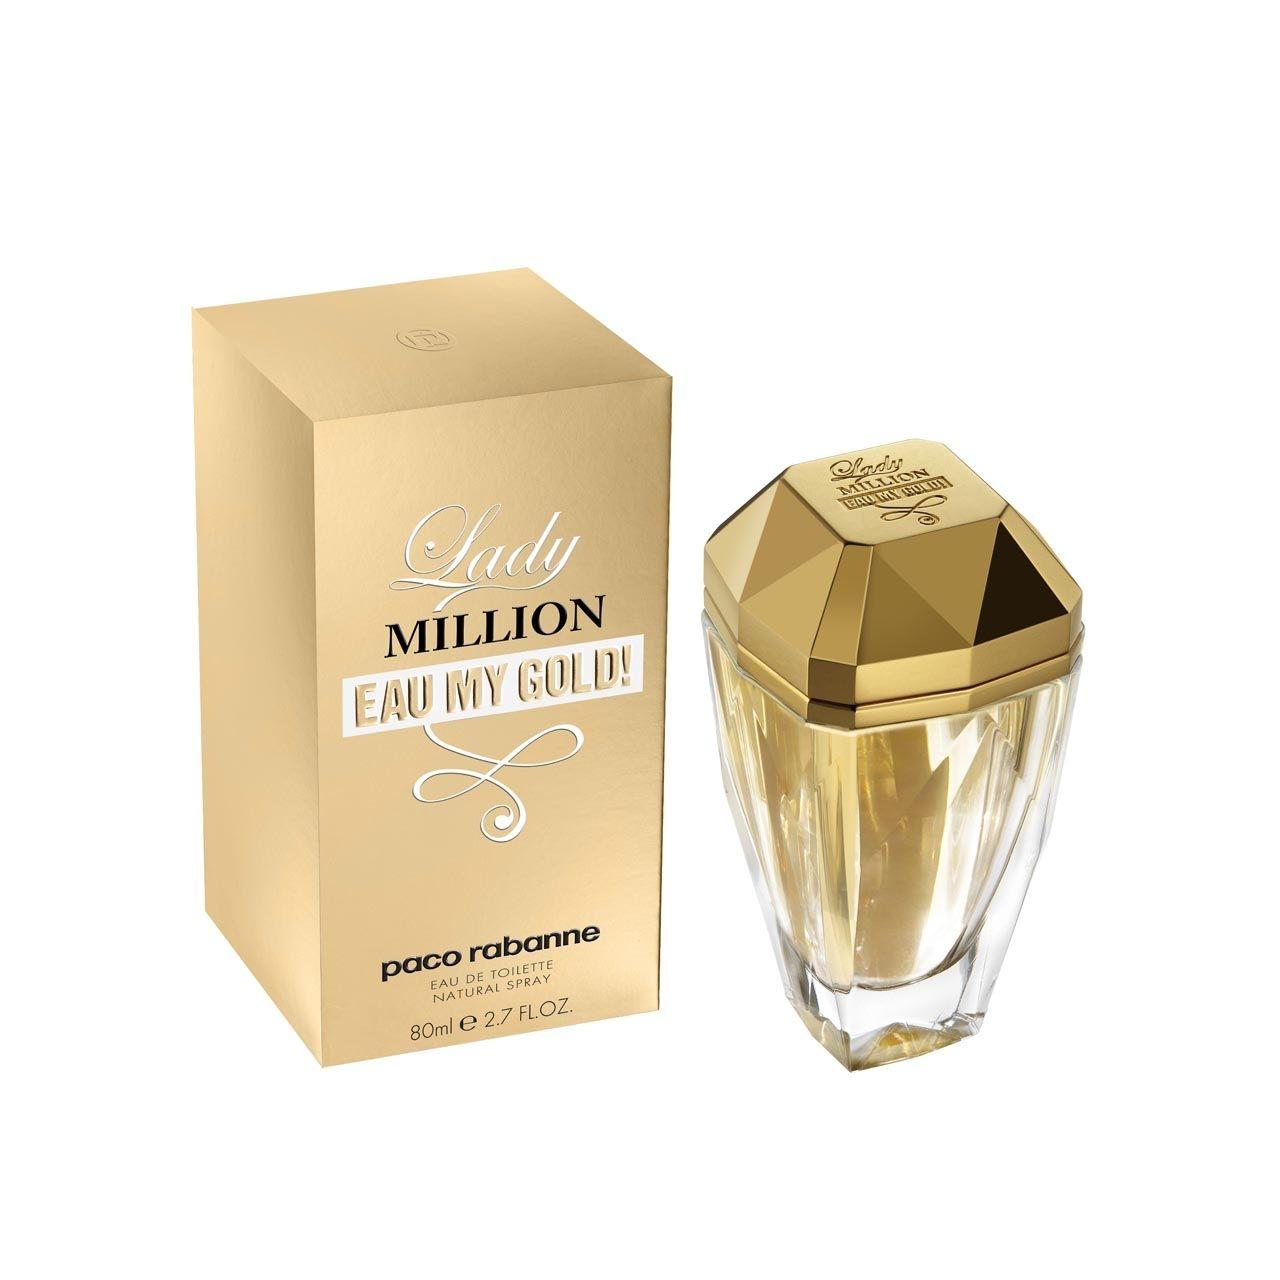 Paco Rabanne Lady Million Eau My Gold eau de toilette 80 ml